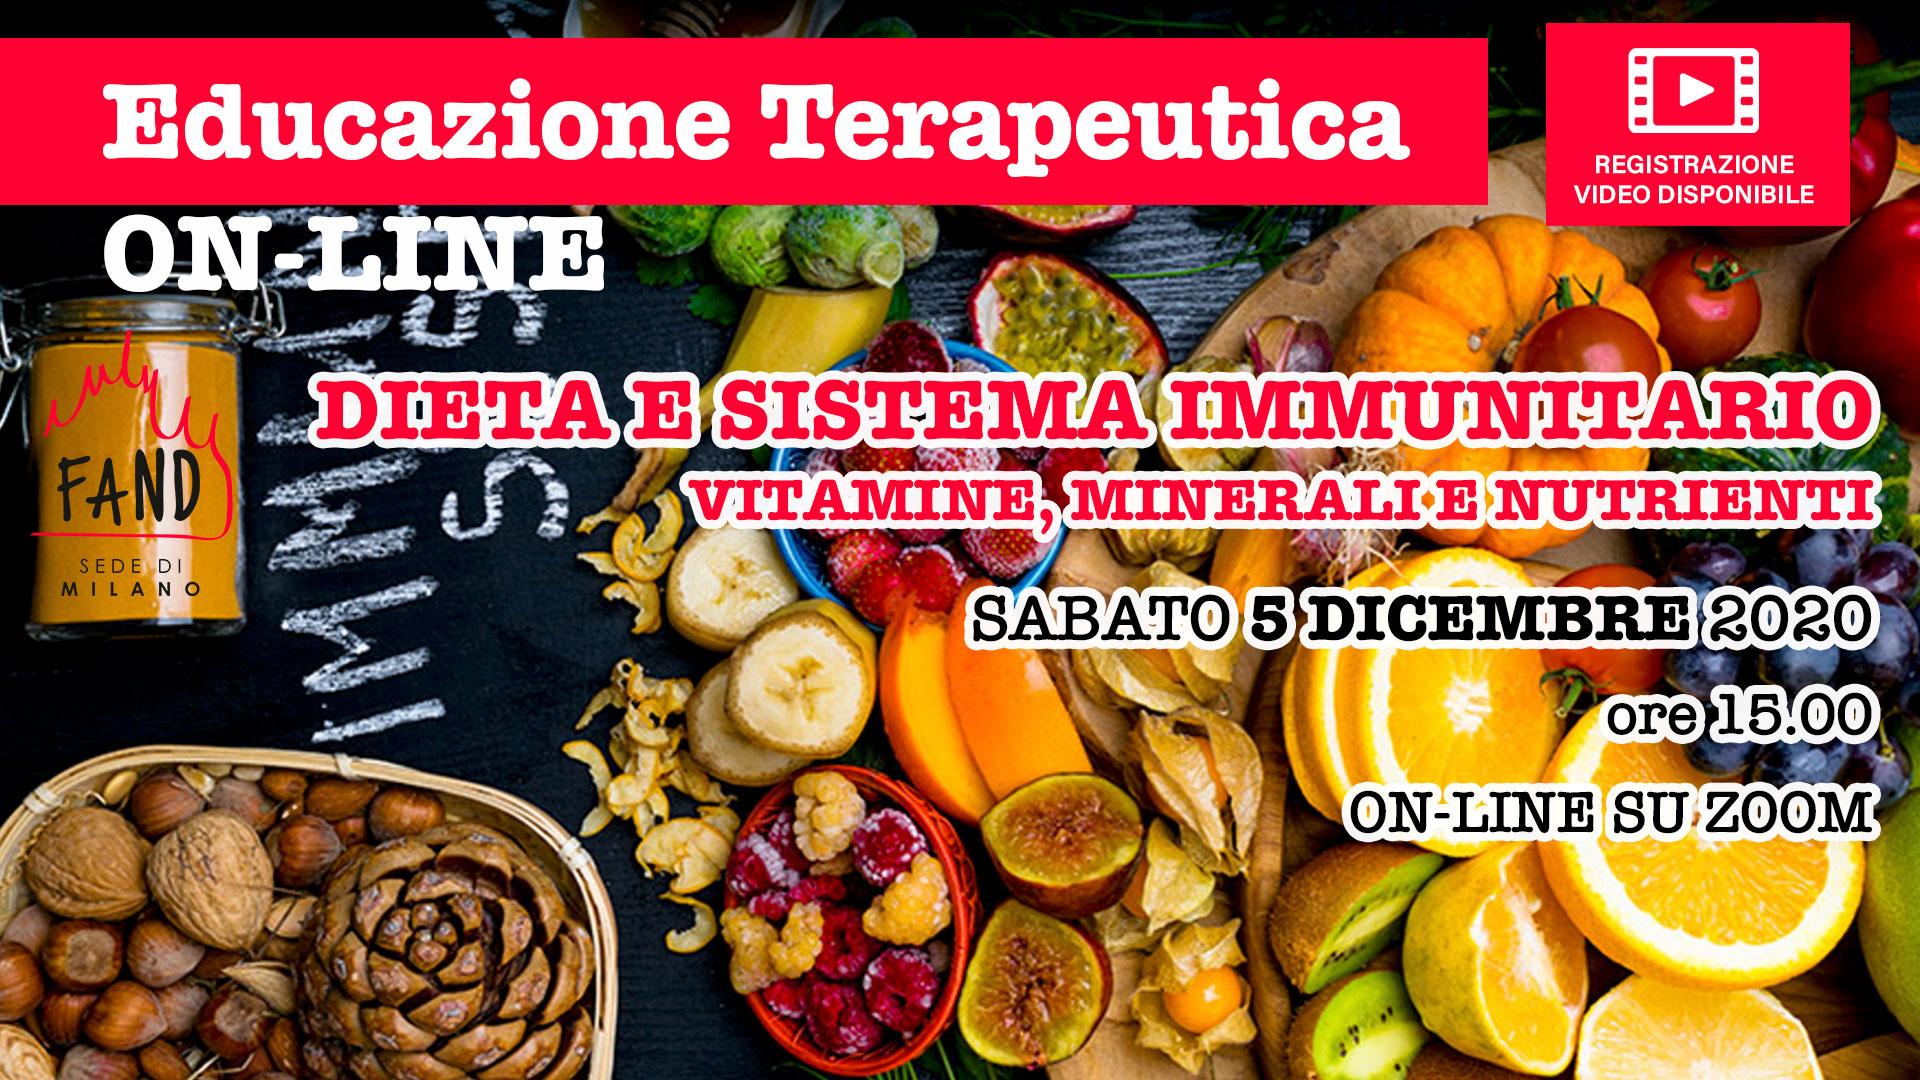 Sabato 5 dicembre 2020 - Incontro di educazione terapeutica - Dieta e sistema immunitario - vitamine, minerali e nutrienti